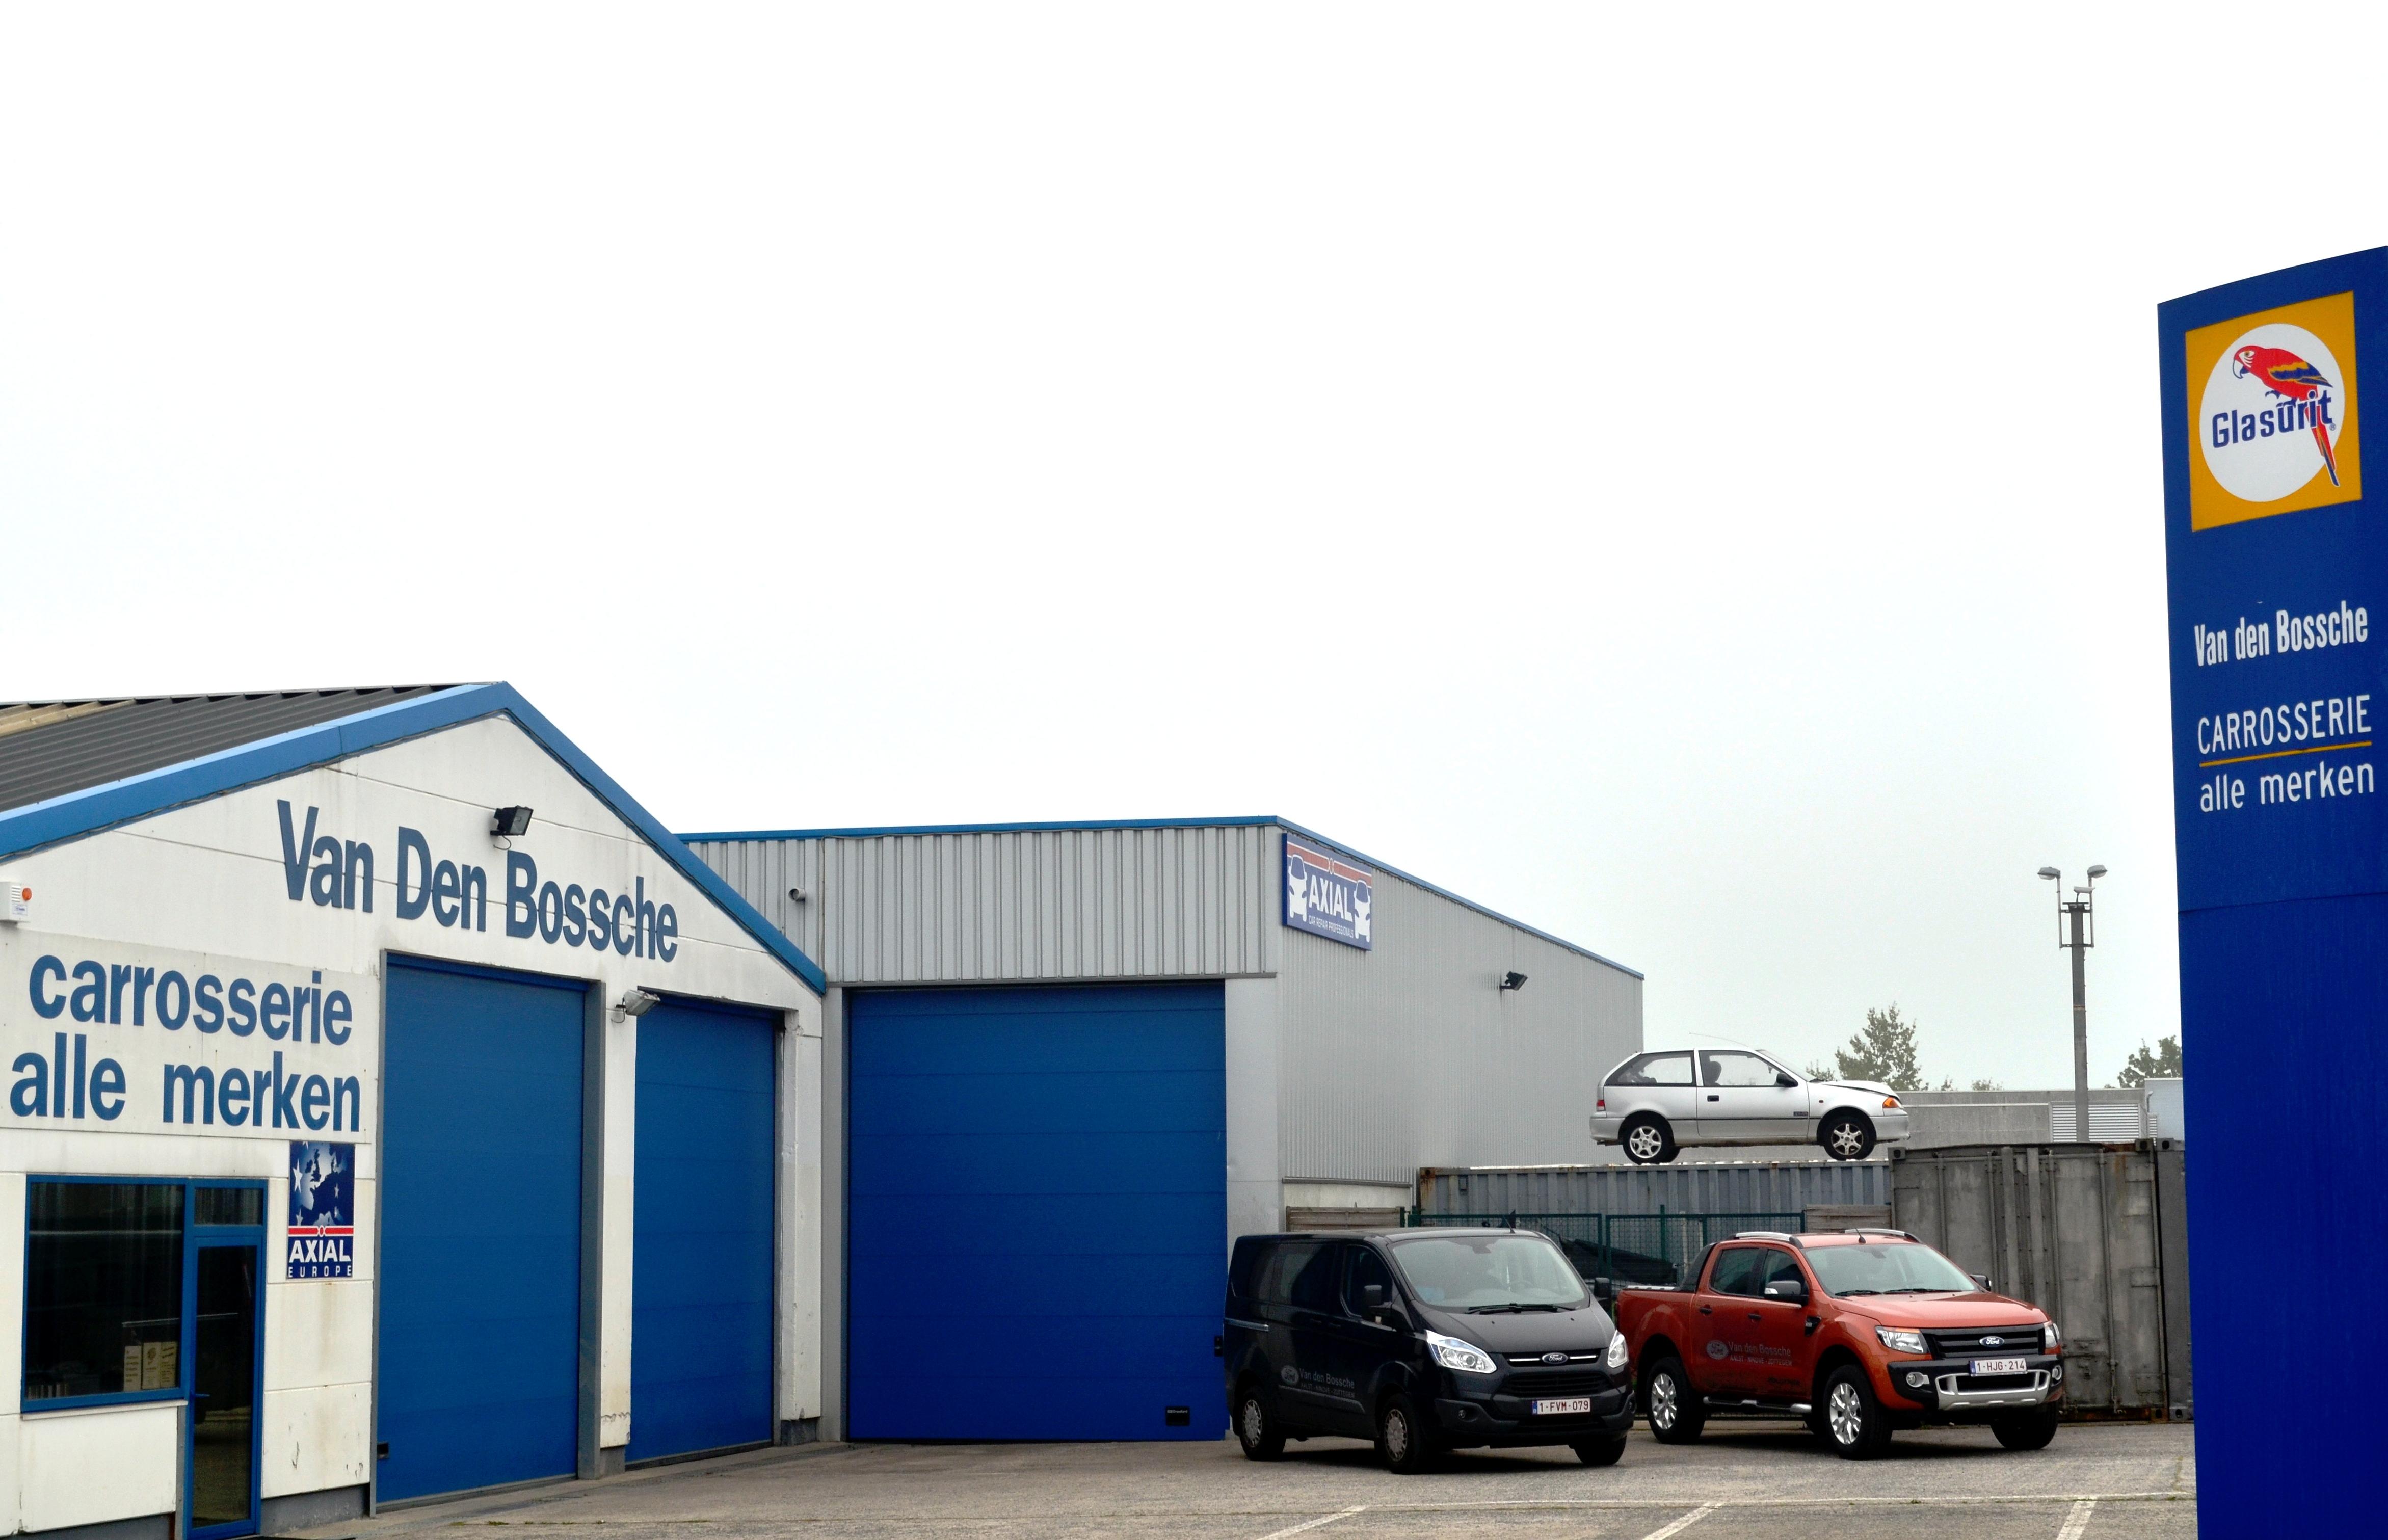 Garage Van den Bossche